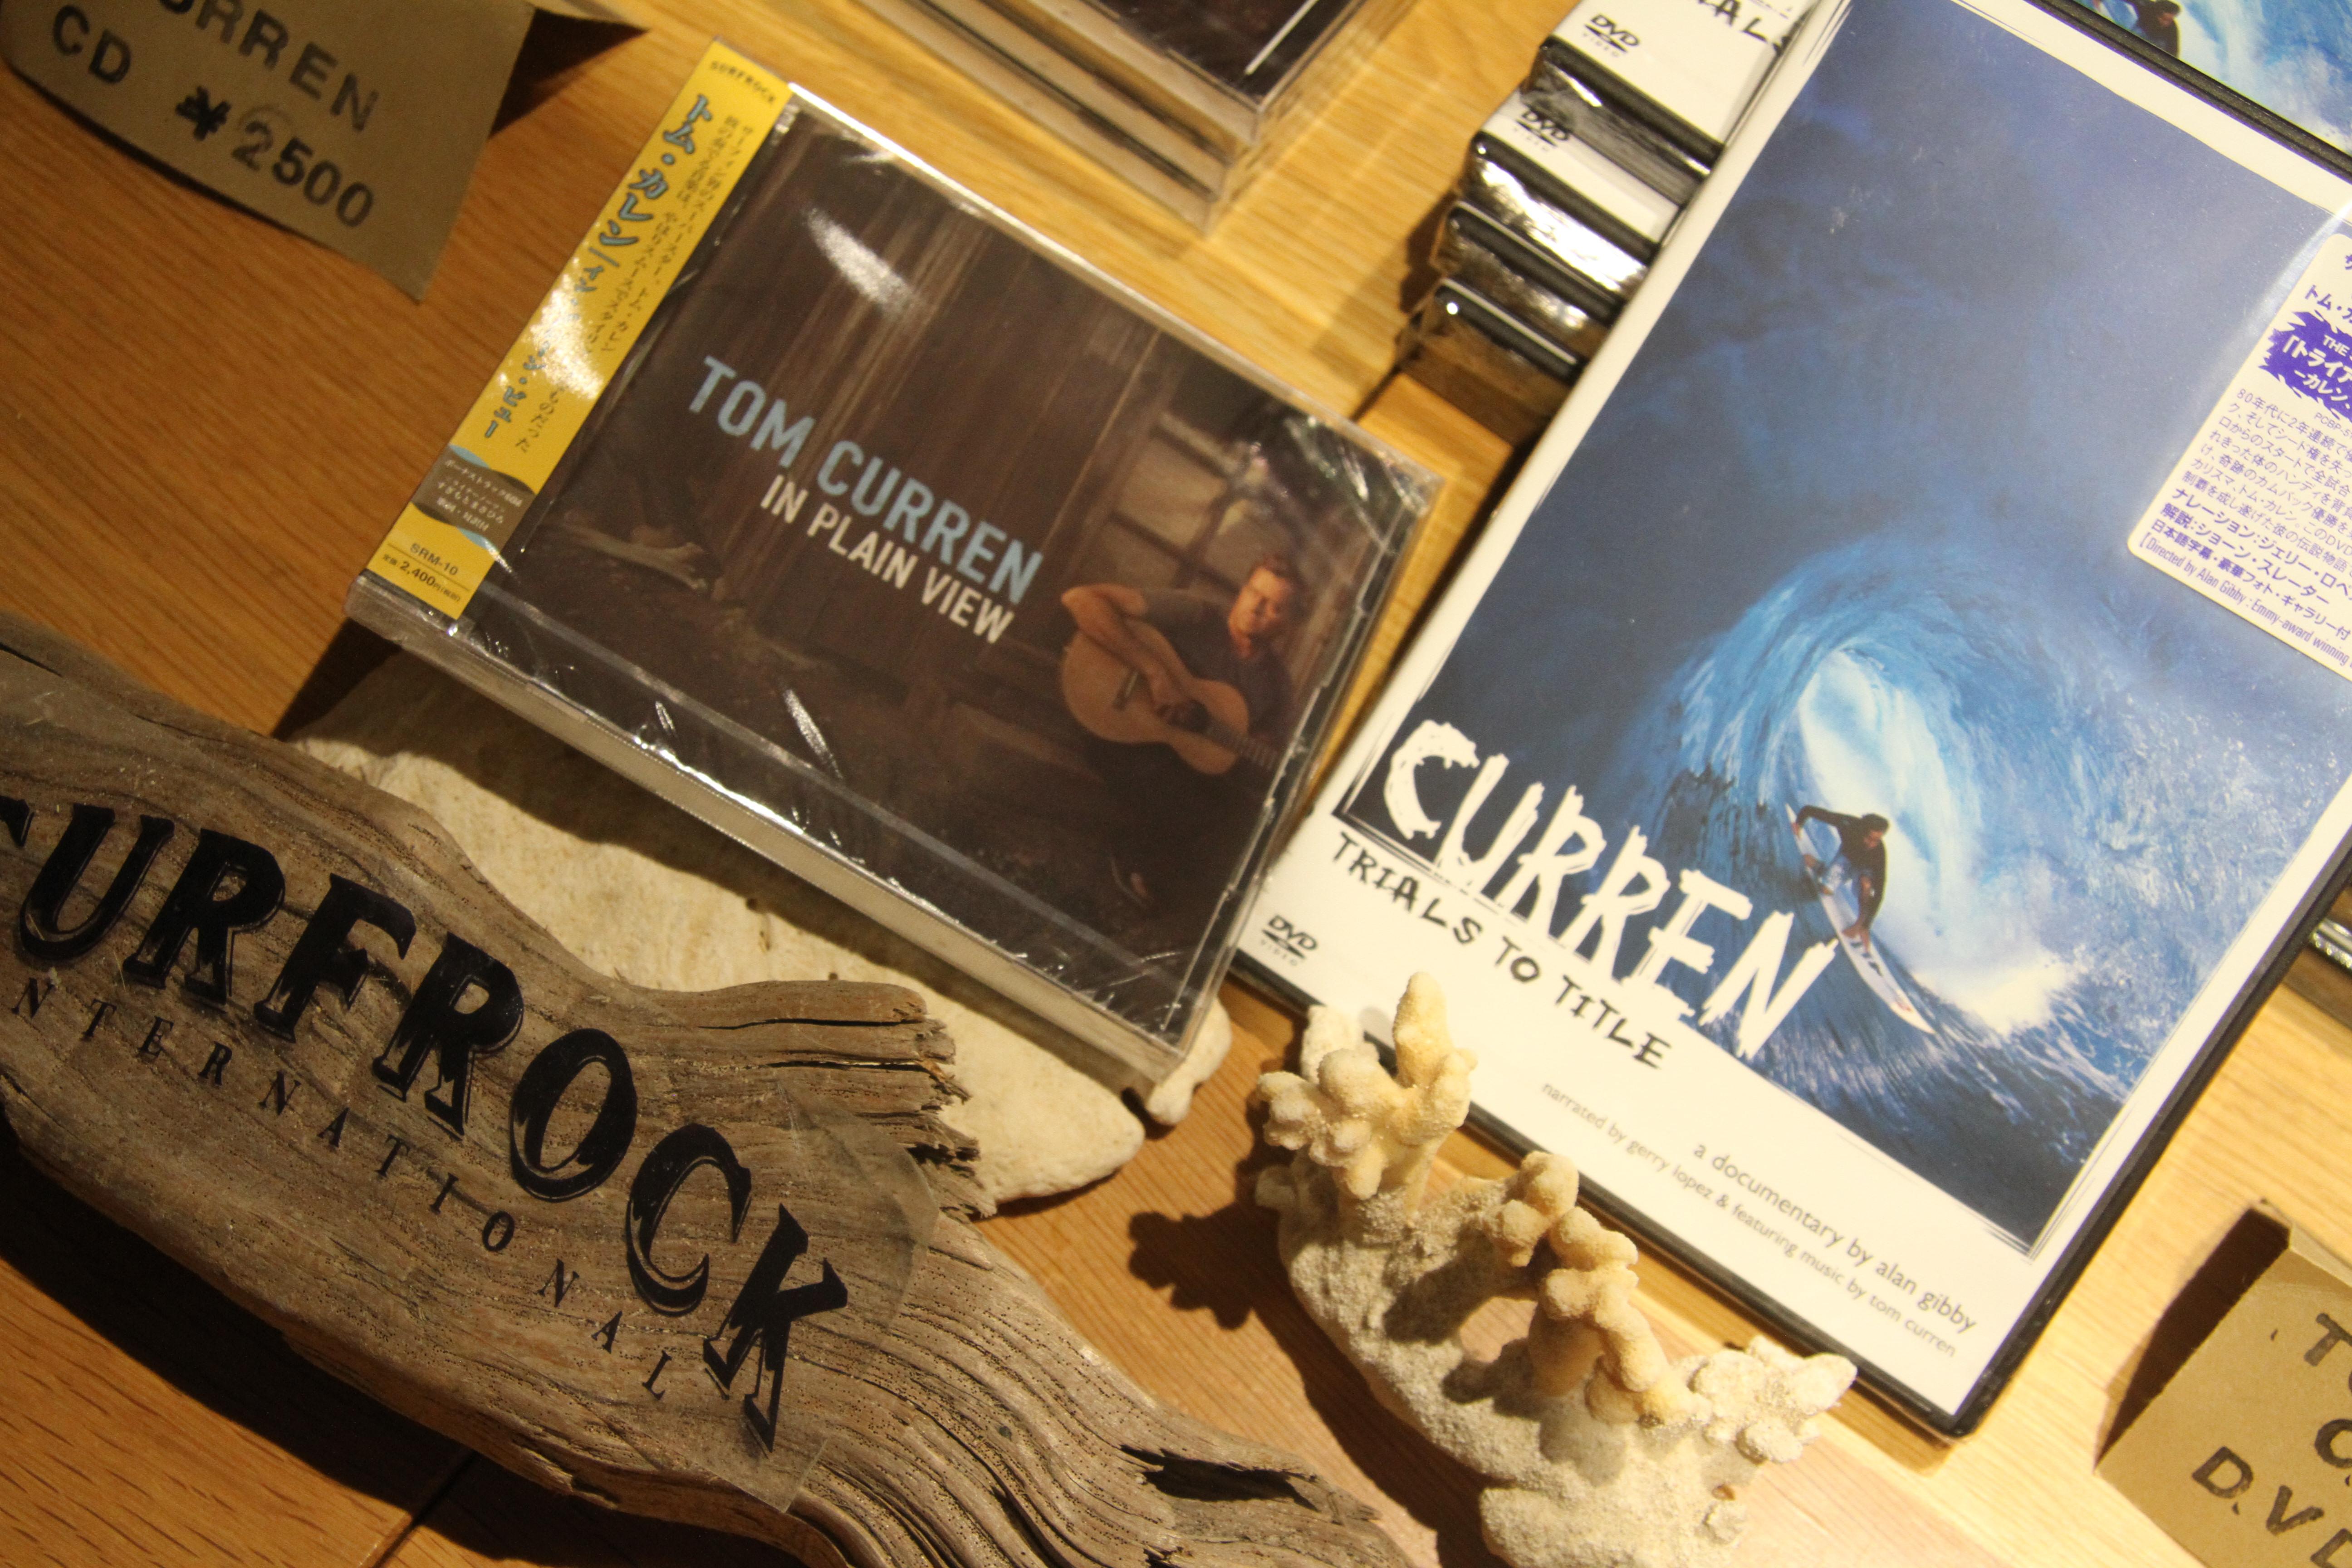 会場ではトム・カレンのCDとDVDも発売された。